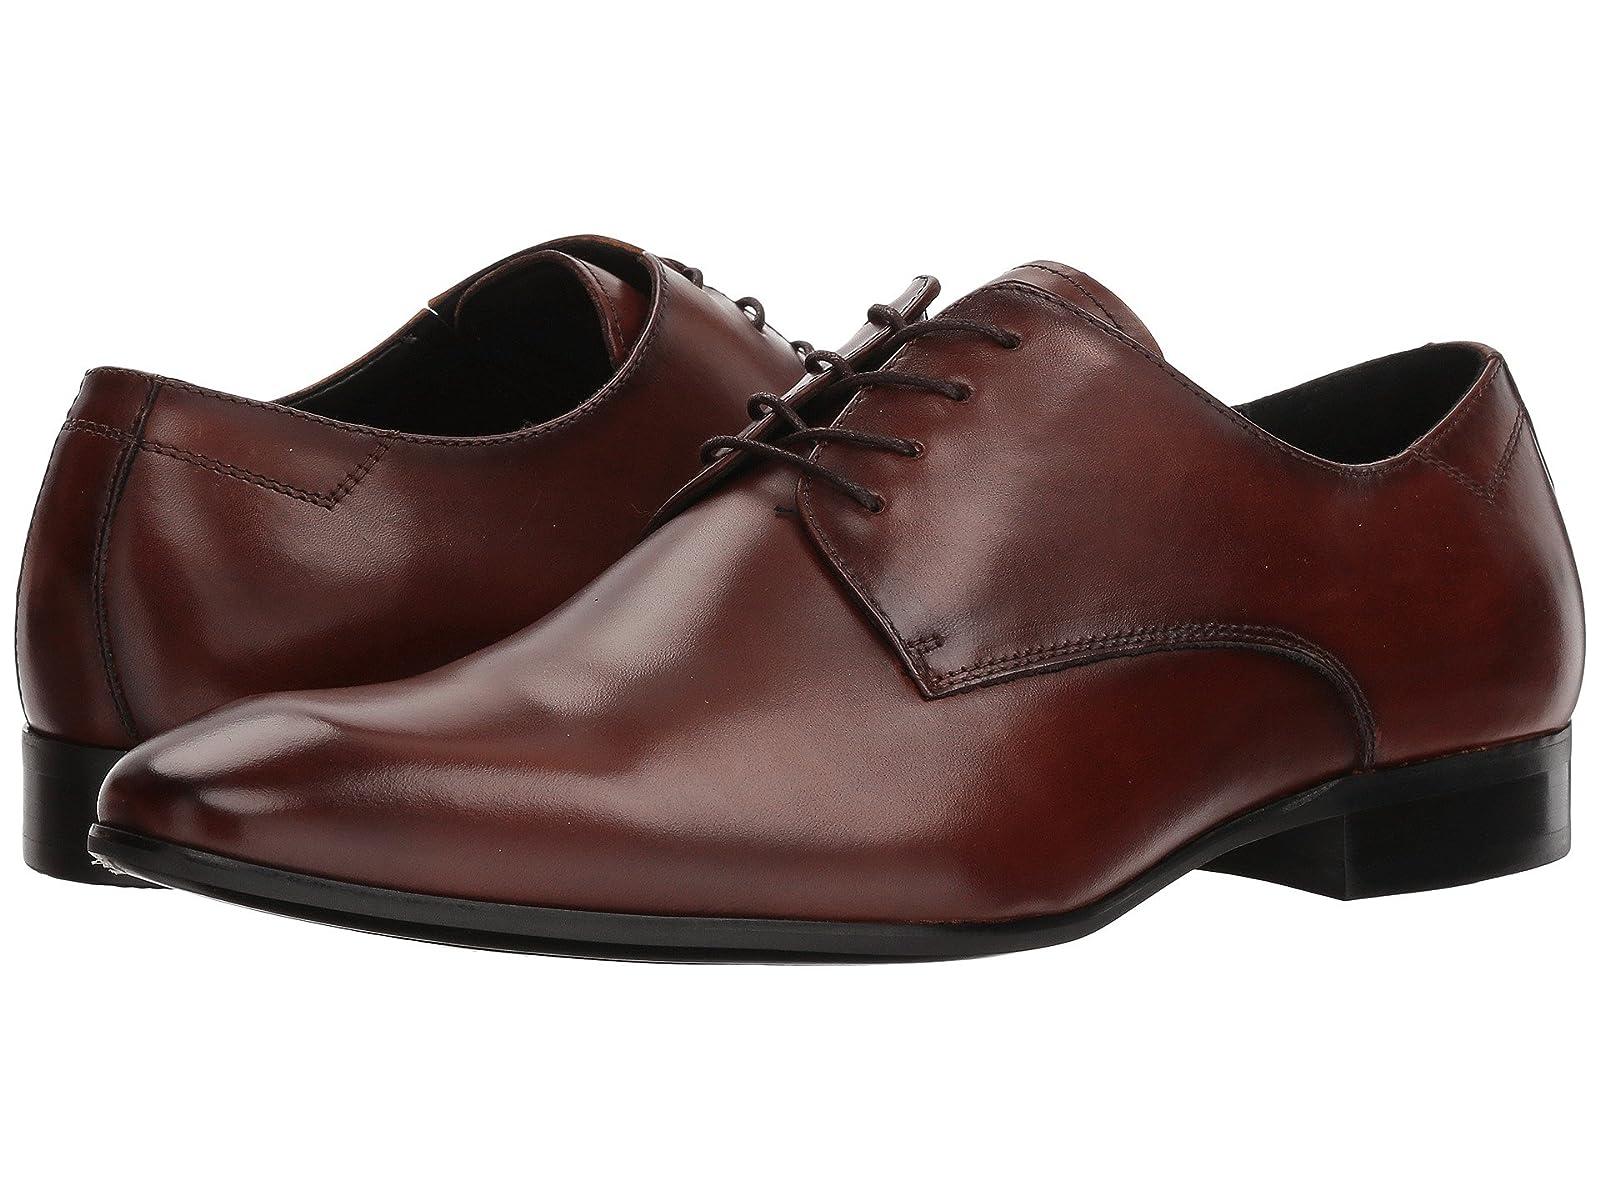 ALDO TilawetAtmospheric grades have affordable shoes